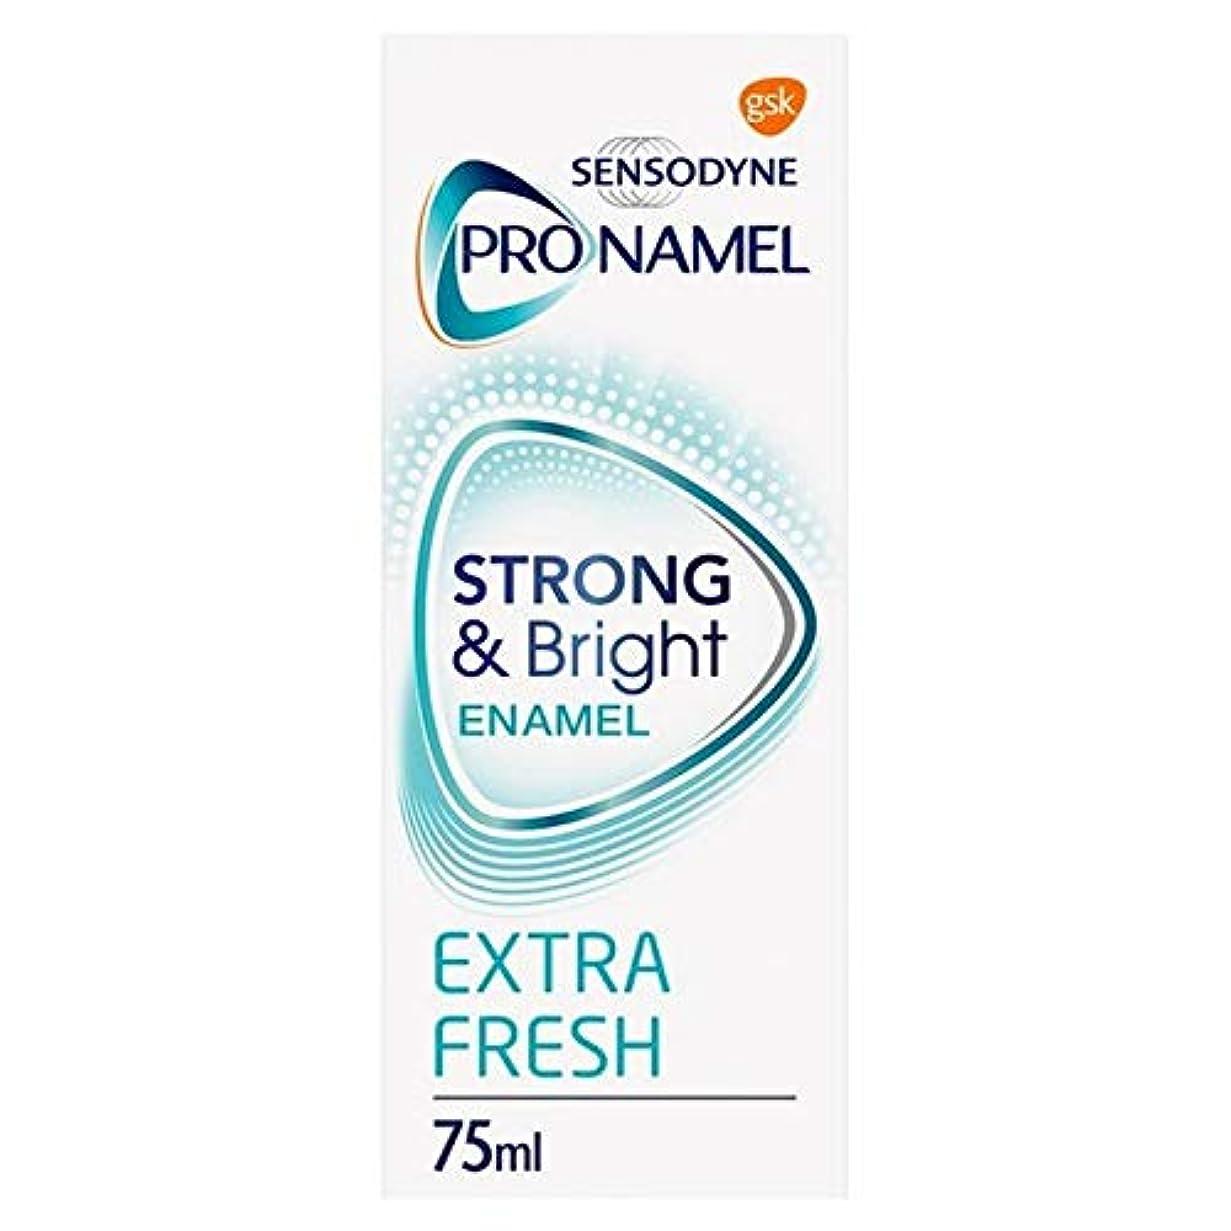 楕円形花嫁にやにや[Sensodyne] SensodyneのPronamel強い&ブライト歯磨き粉75ミリリットル - Sensodyne Pronamel Strong & Bright Toothpaste 75ml [並行輸入品]